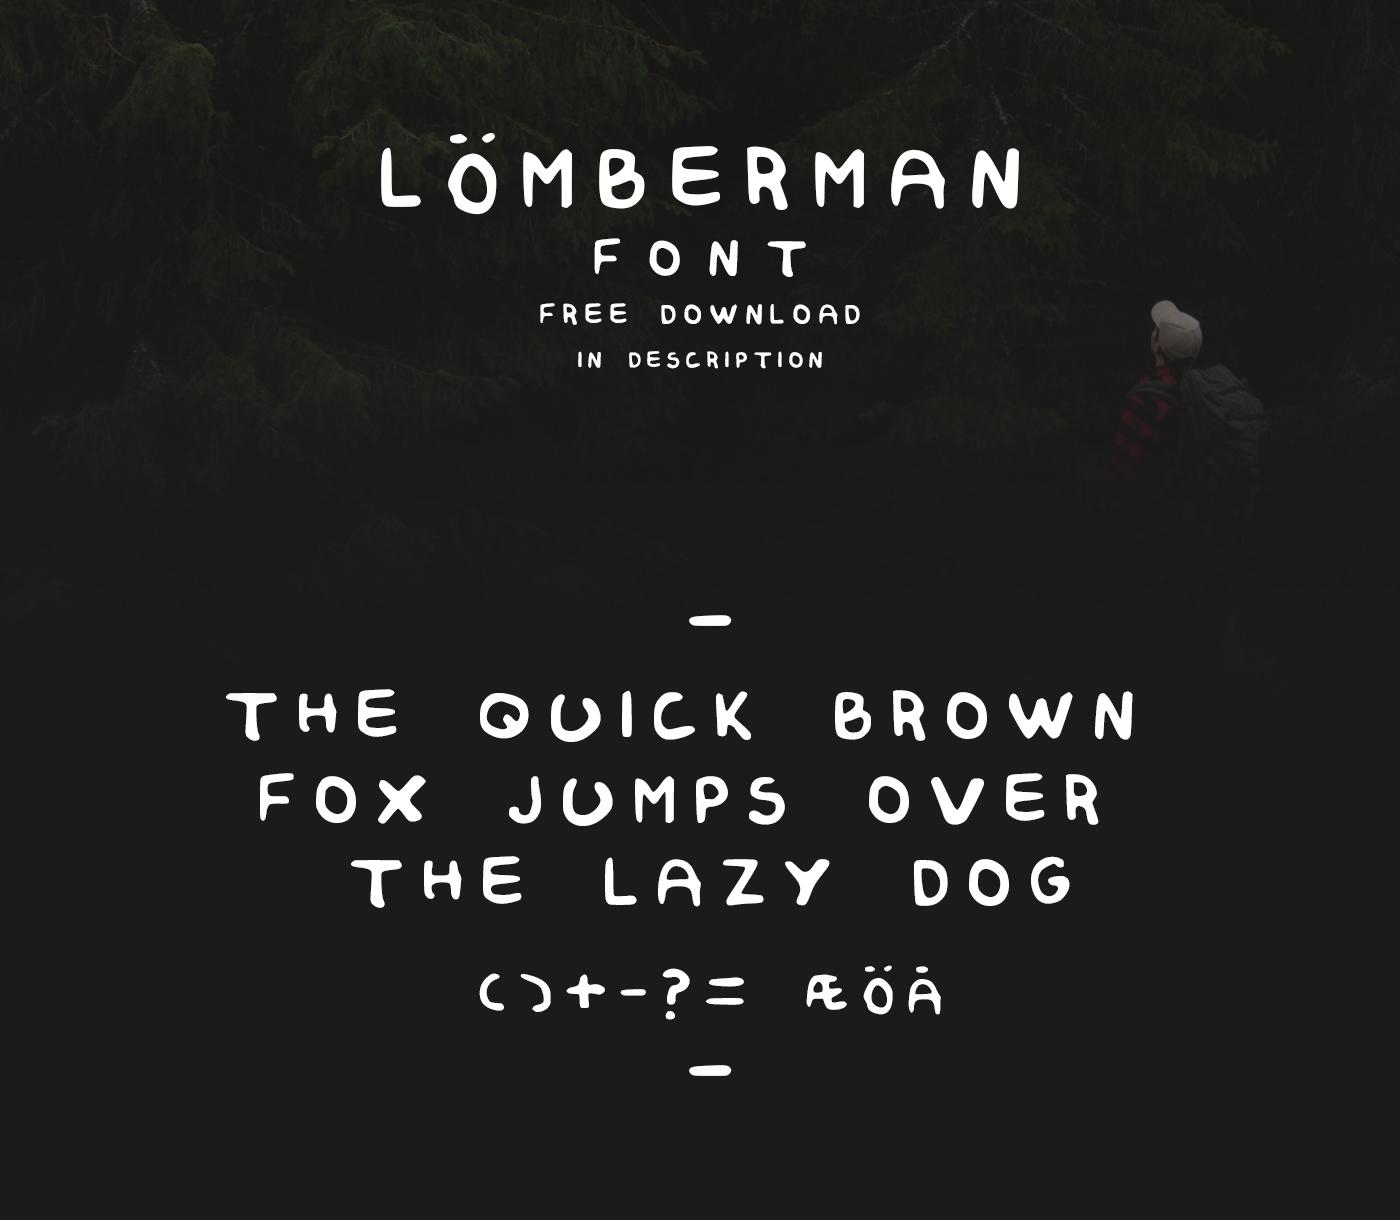 ifirma.pl program do księgowania - lomberman